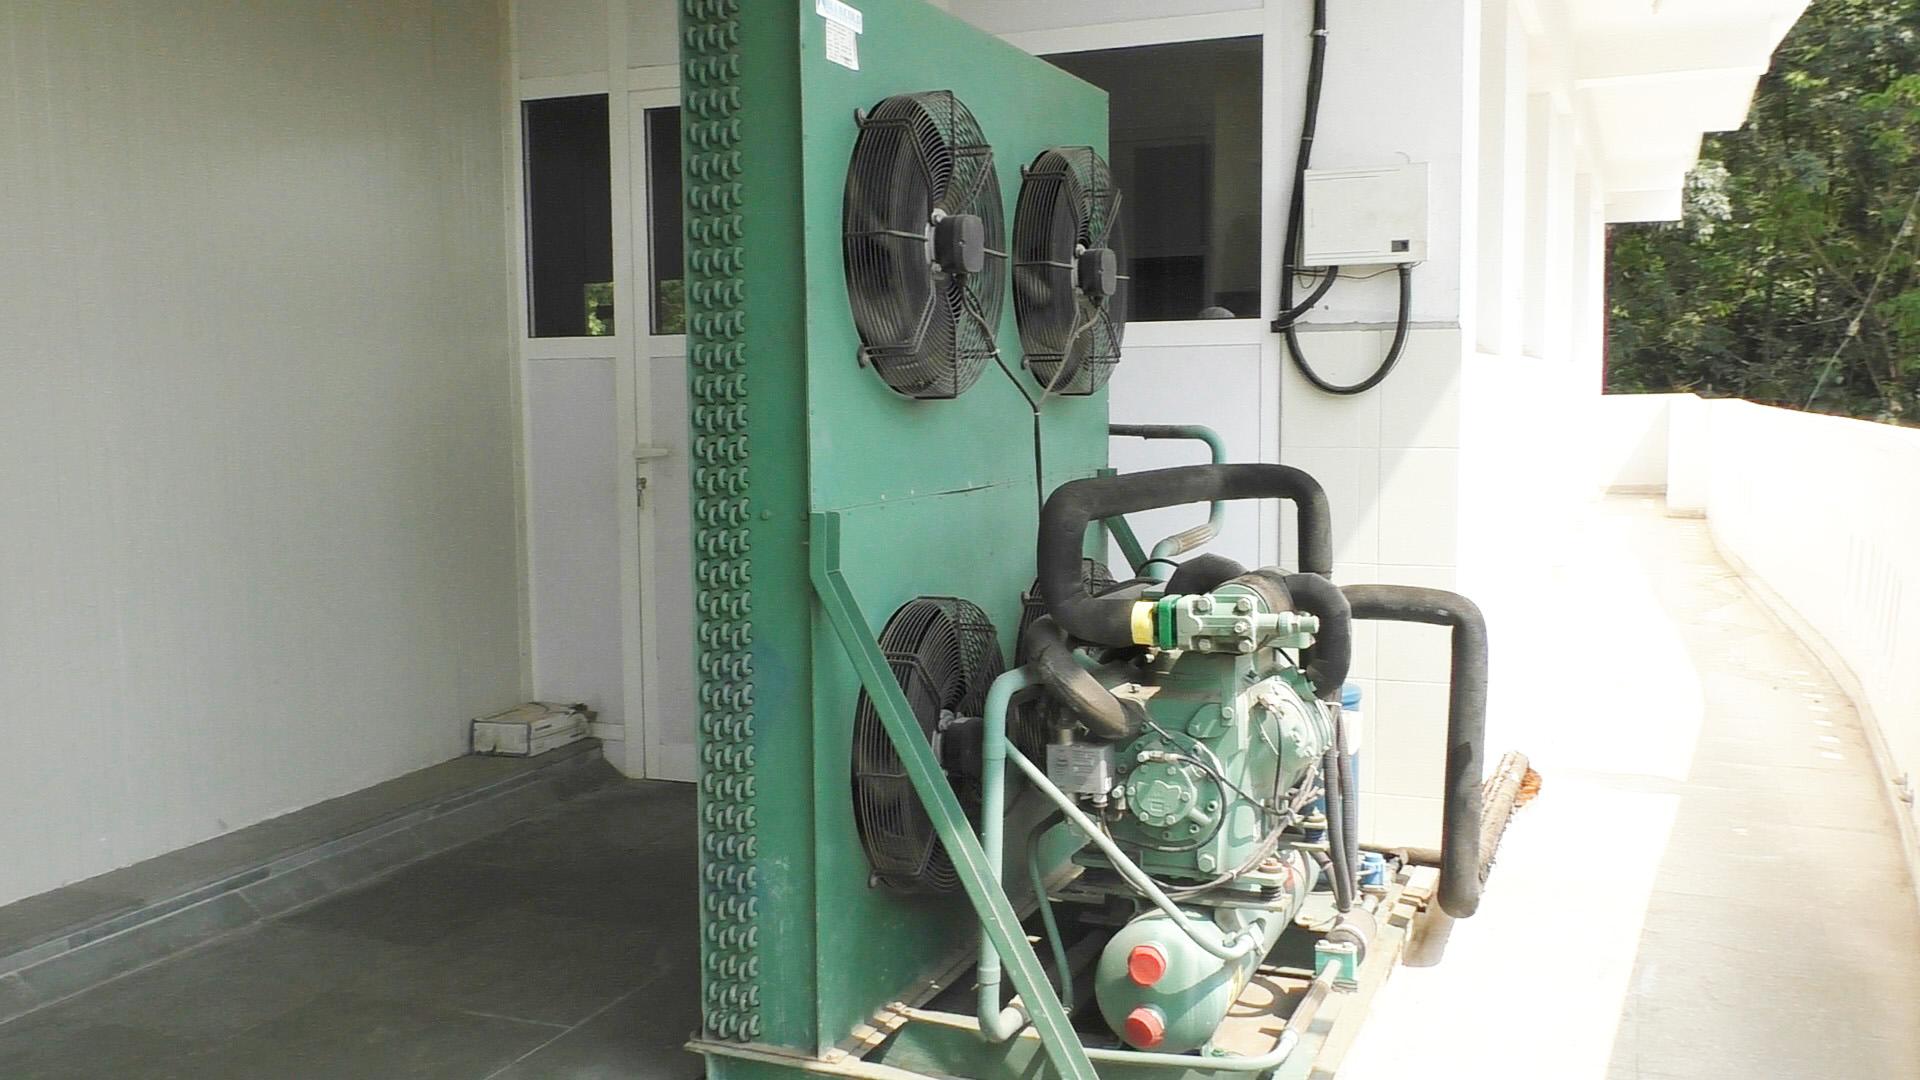 condensing unit for blast freezer